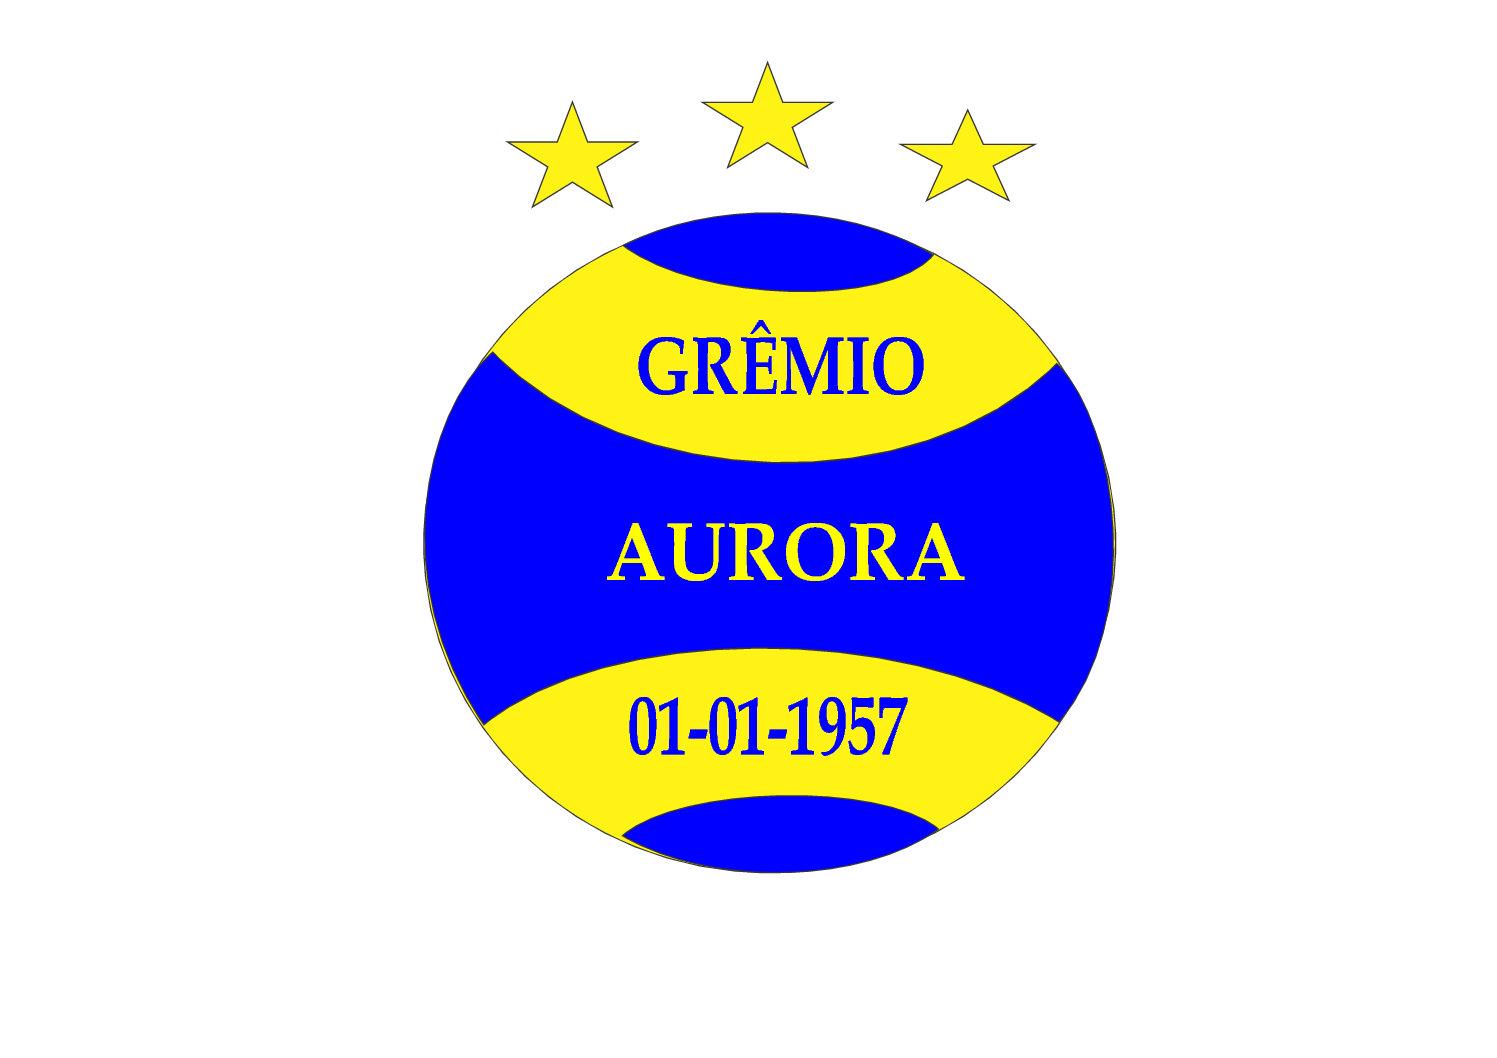 CAMISETA PARA TORCEDOR DO GRÊMIO AURORA